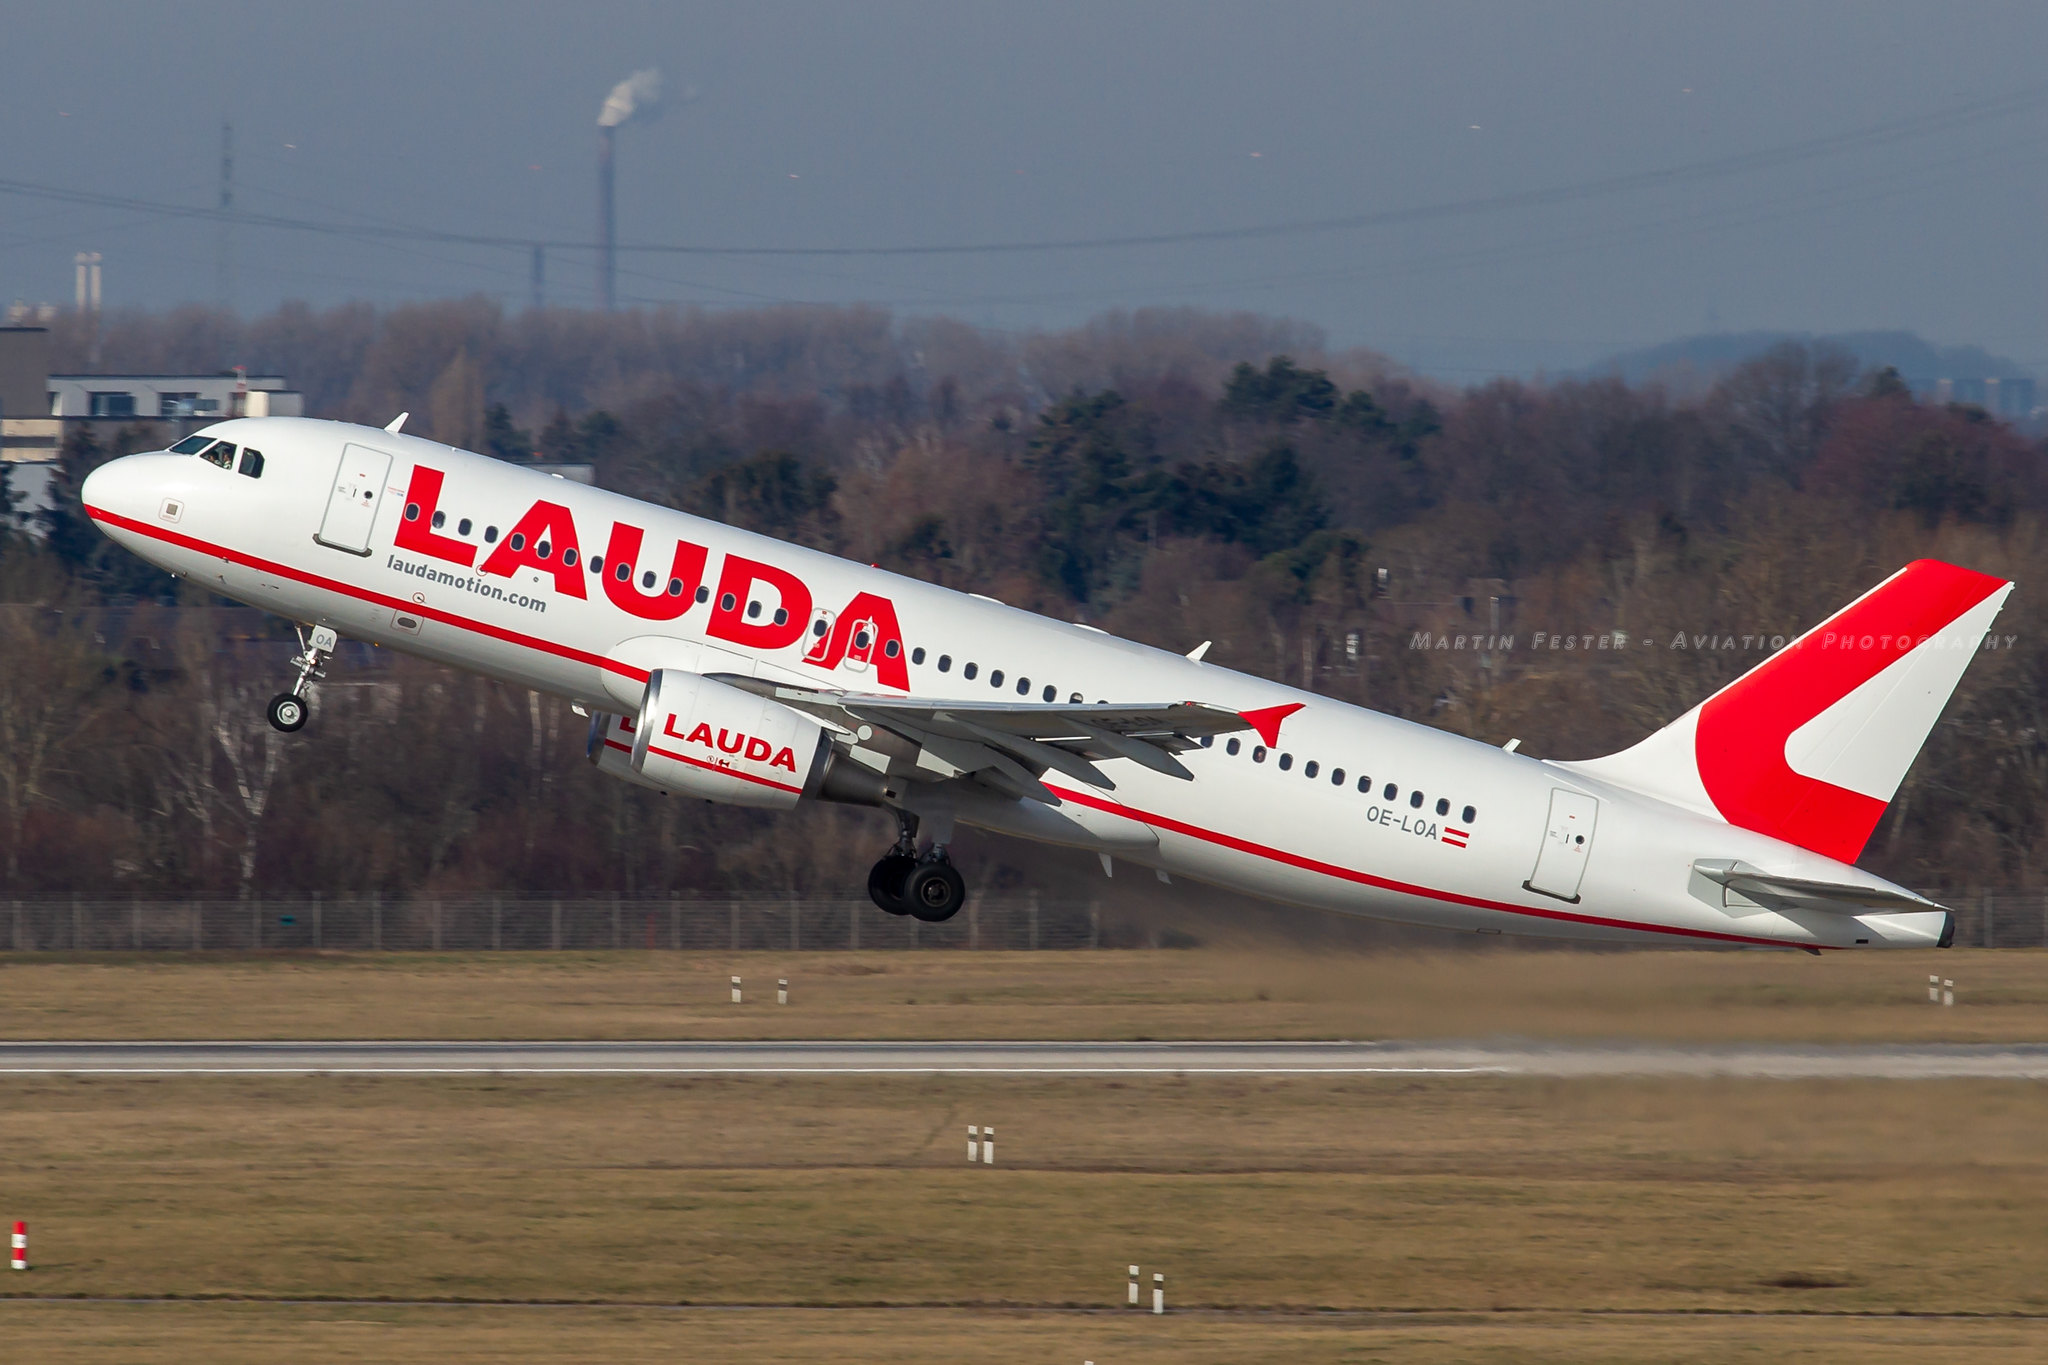 OE-LOA // LaudaMotion // A320-214